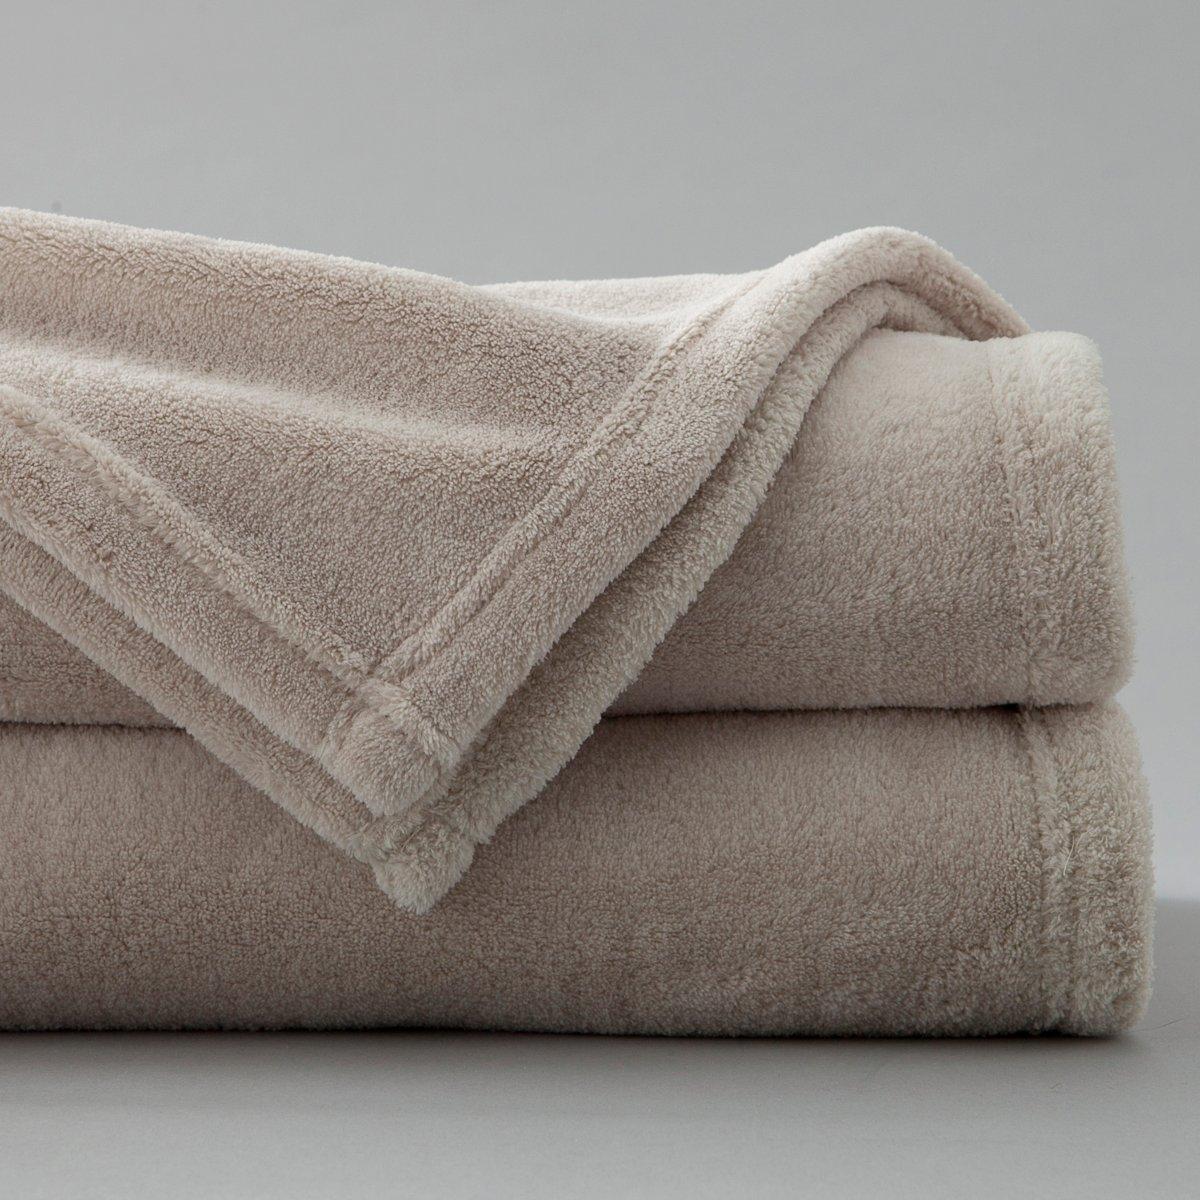 балдахины для кроваток Покрывало La Redoute Из микрофибры гм ELFA 150 x 200 см бежевый